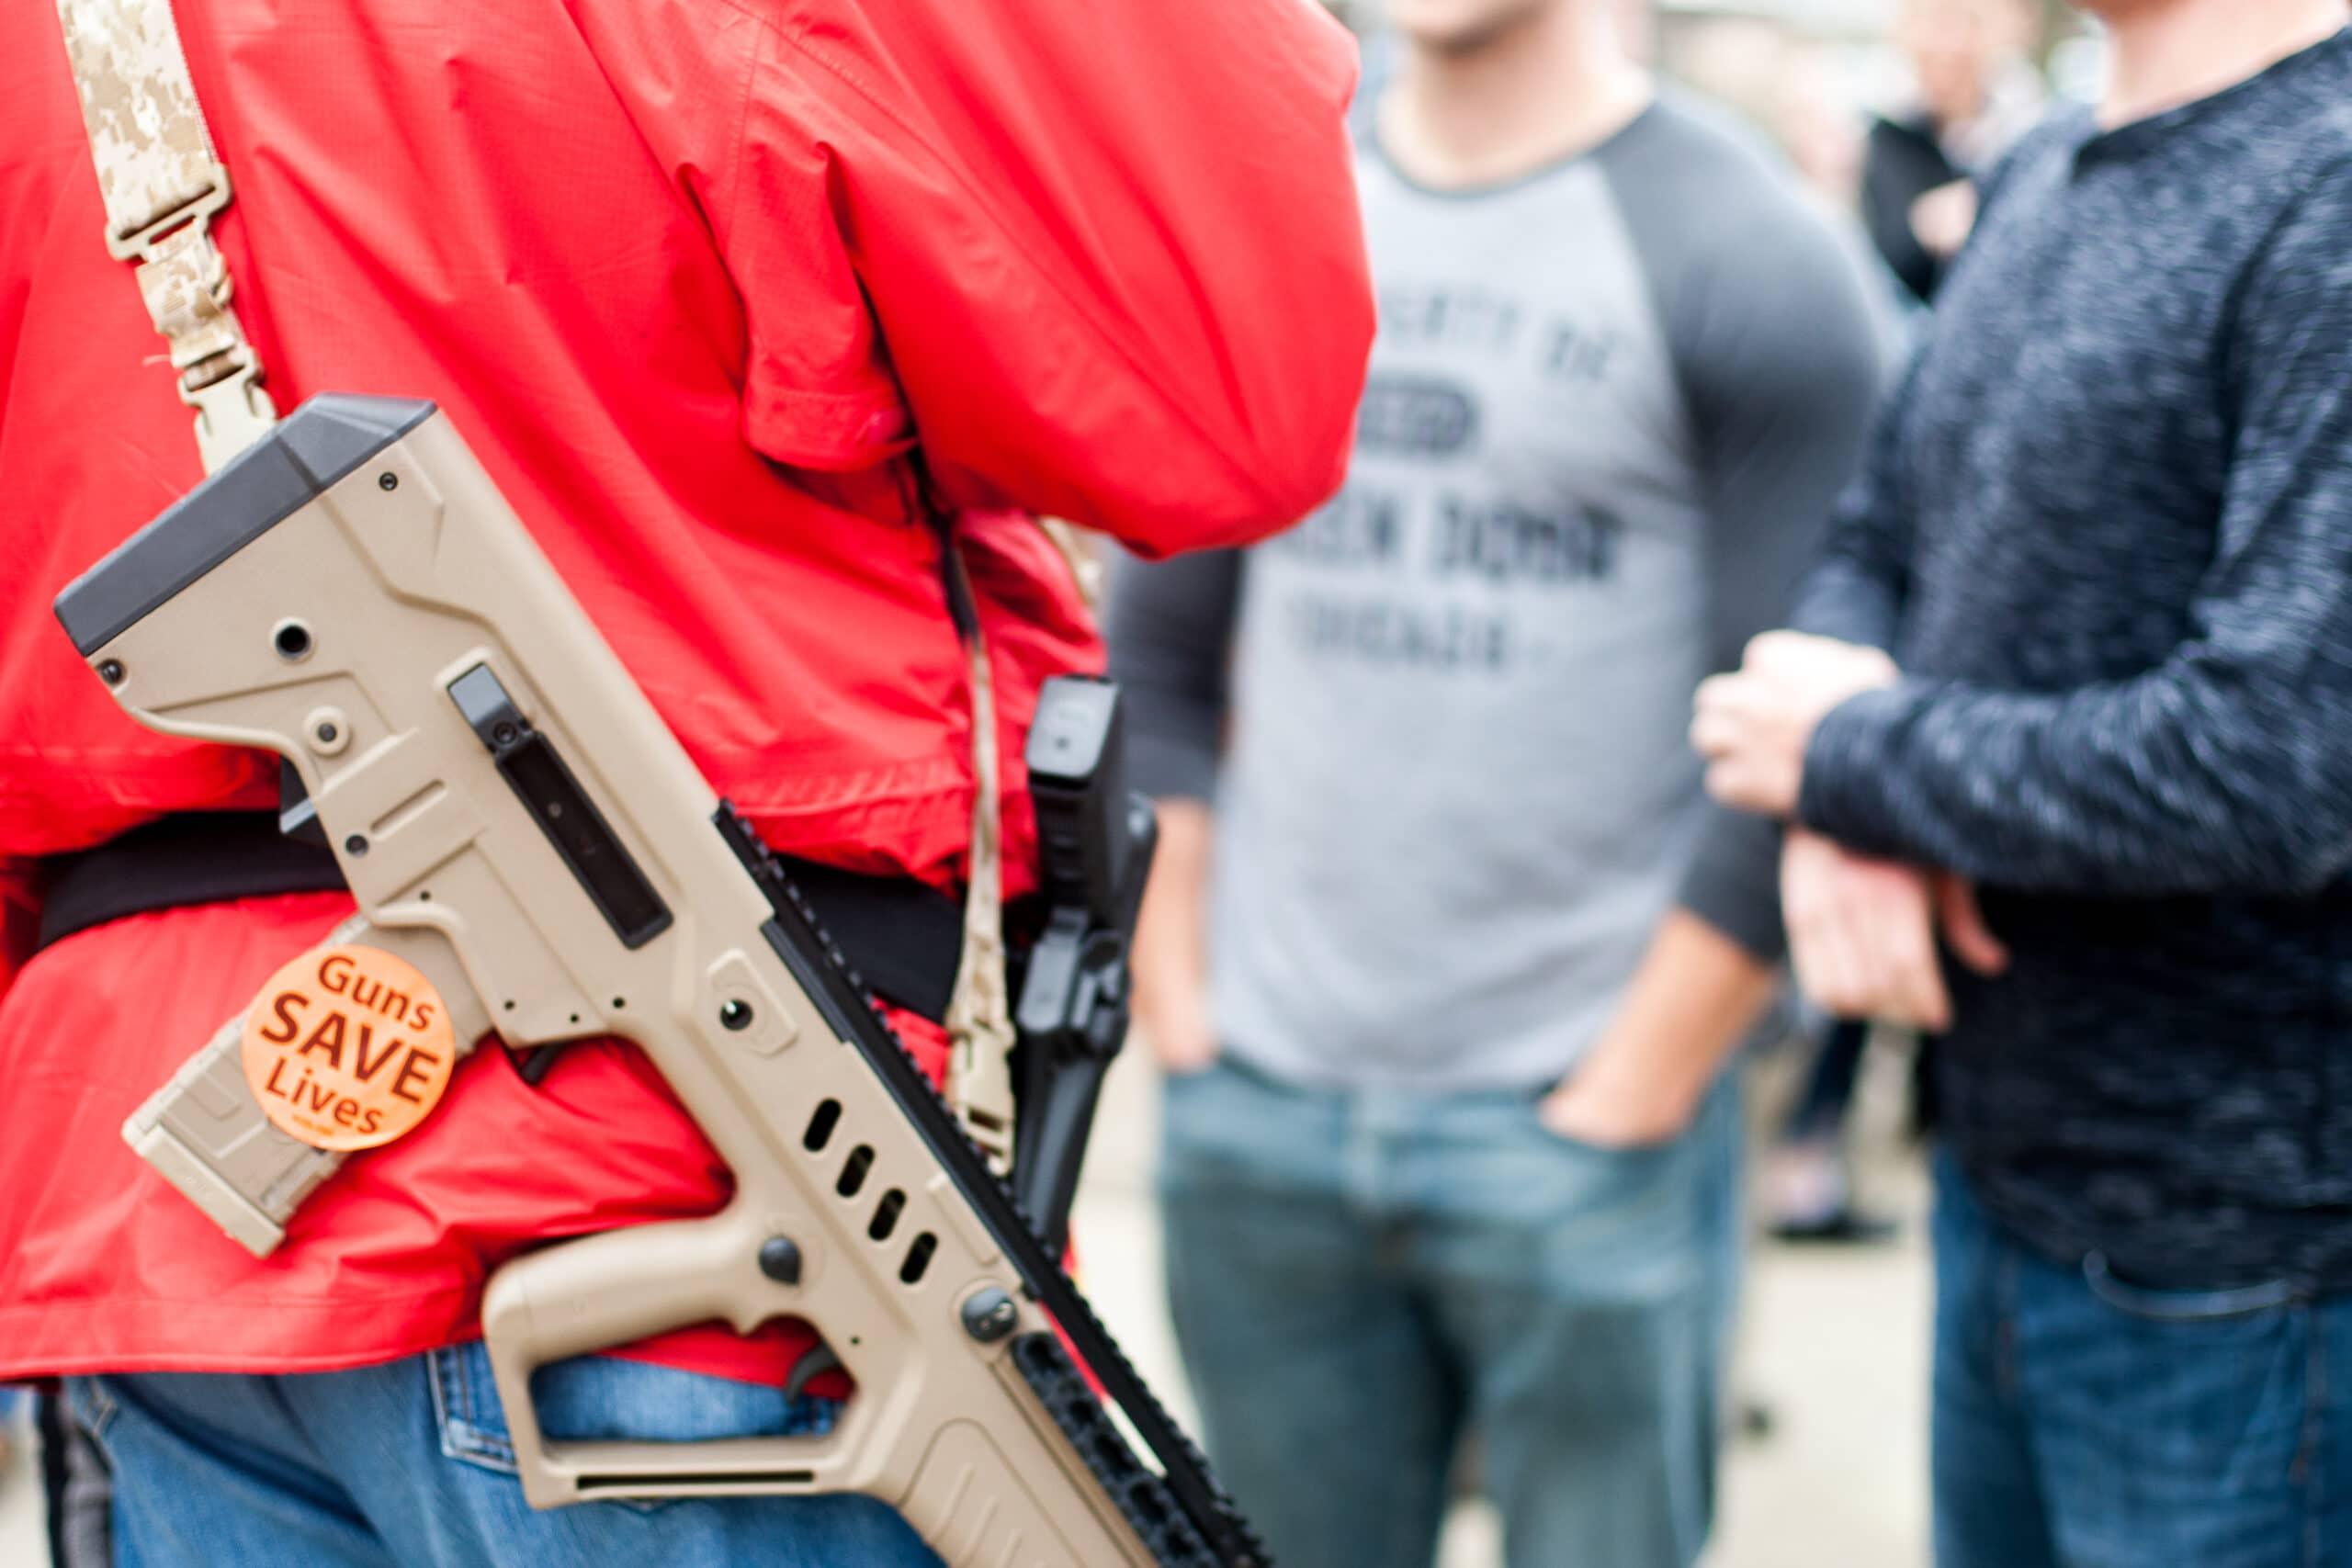 guns, open carry